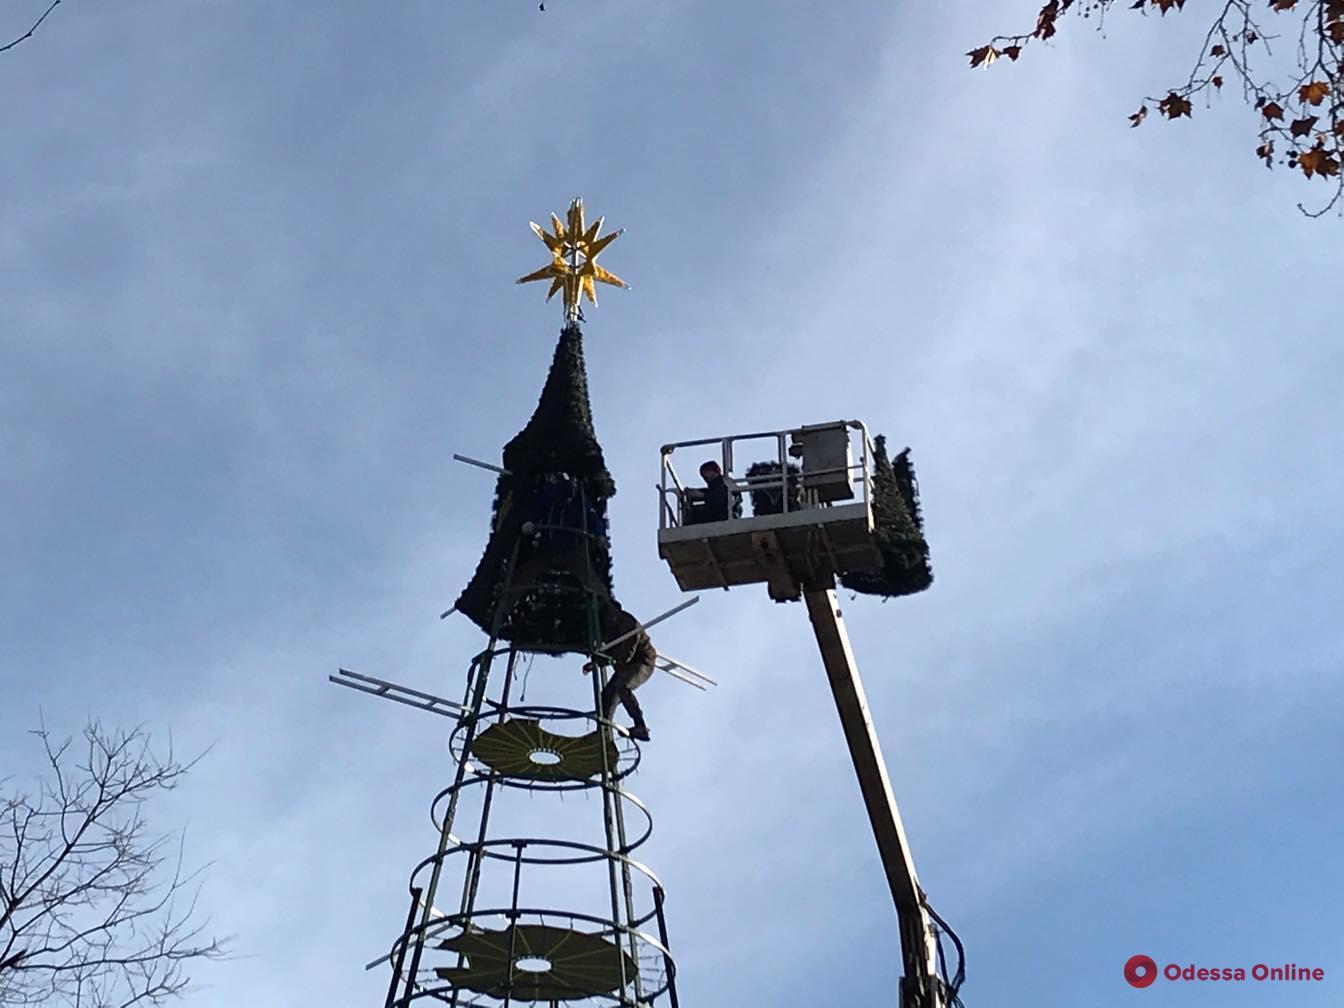 Возле Одесской мэрии устанавливают главную елку города (фото)